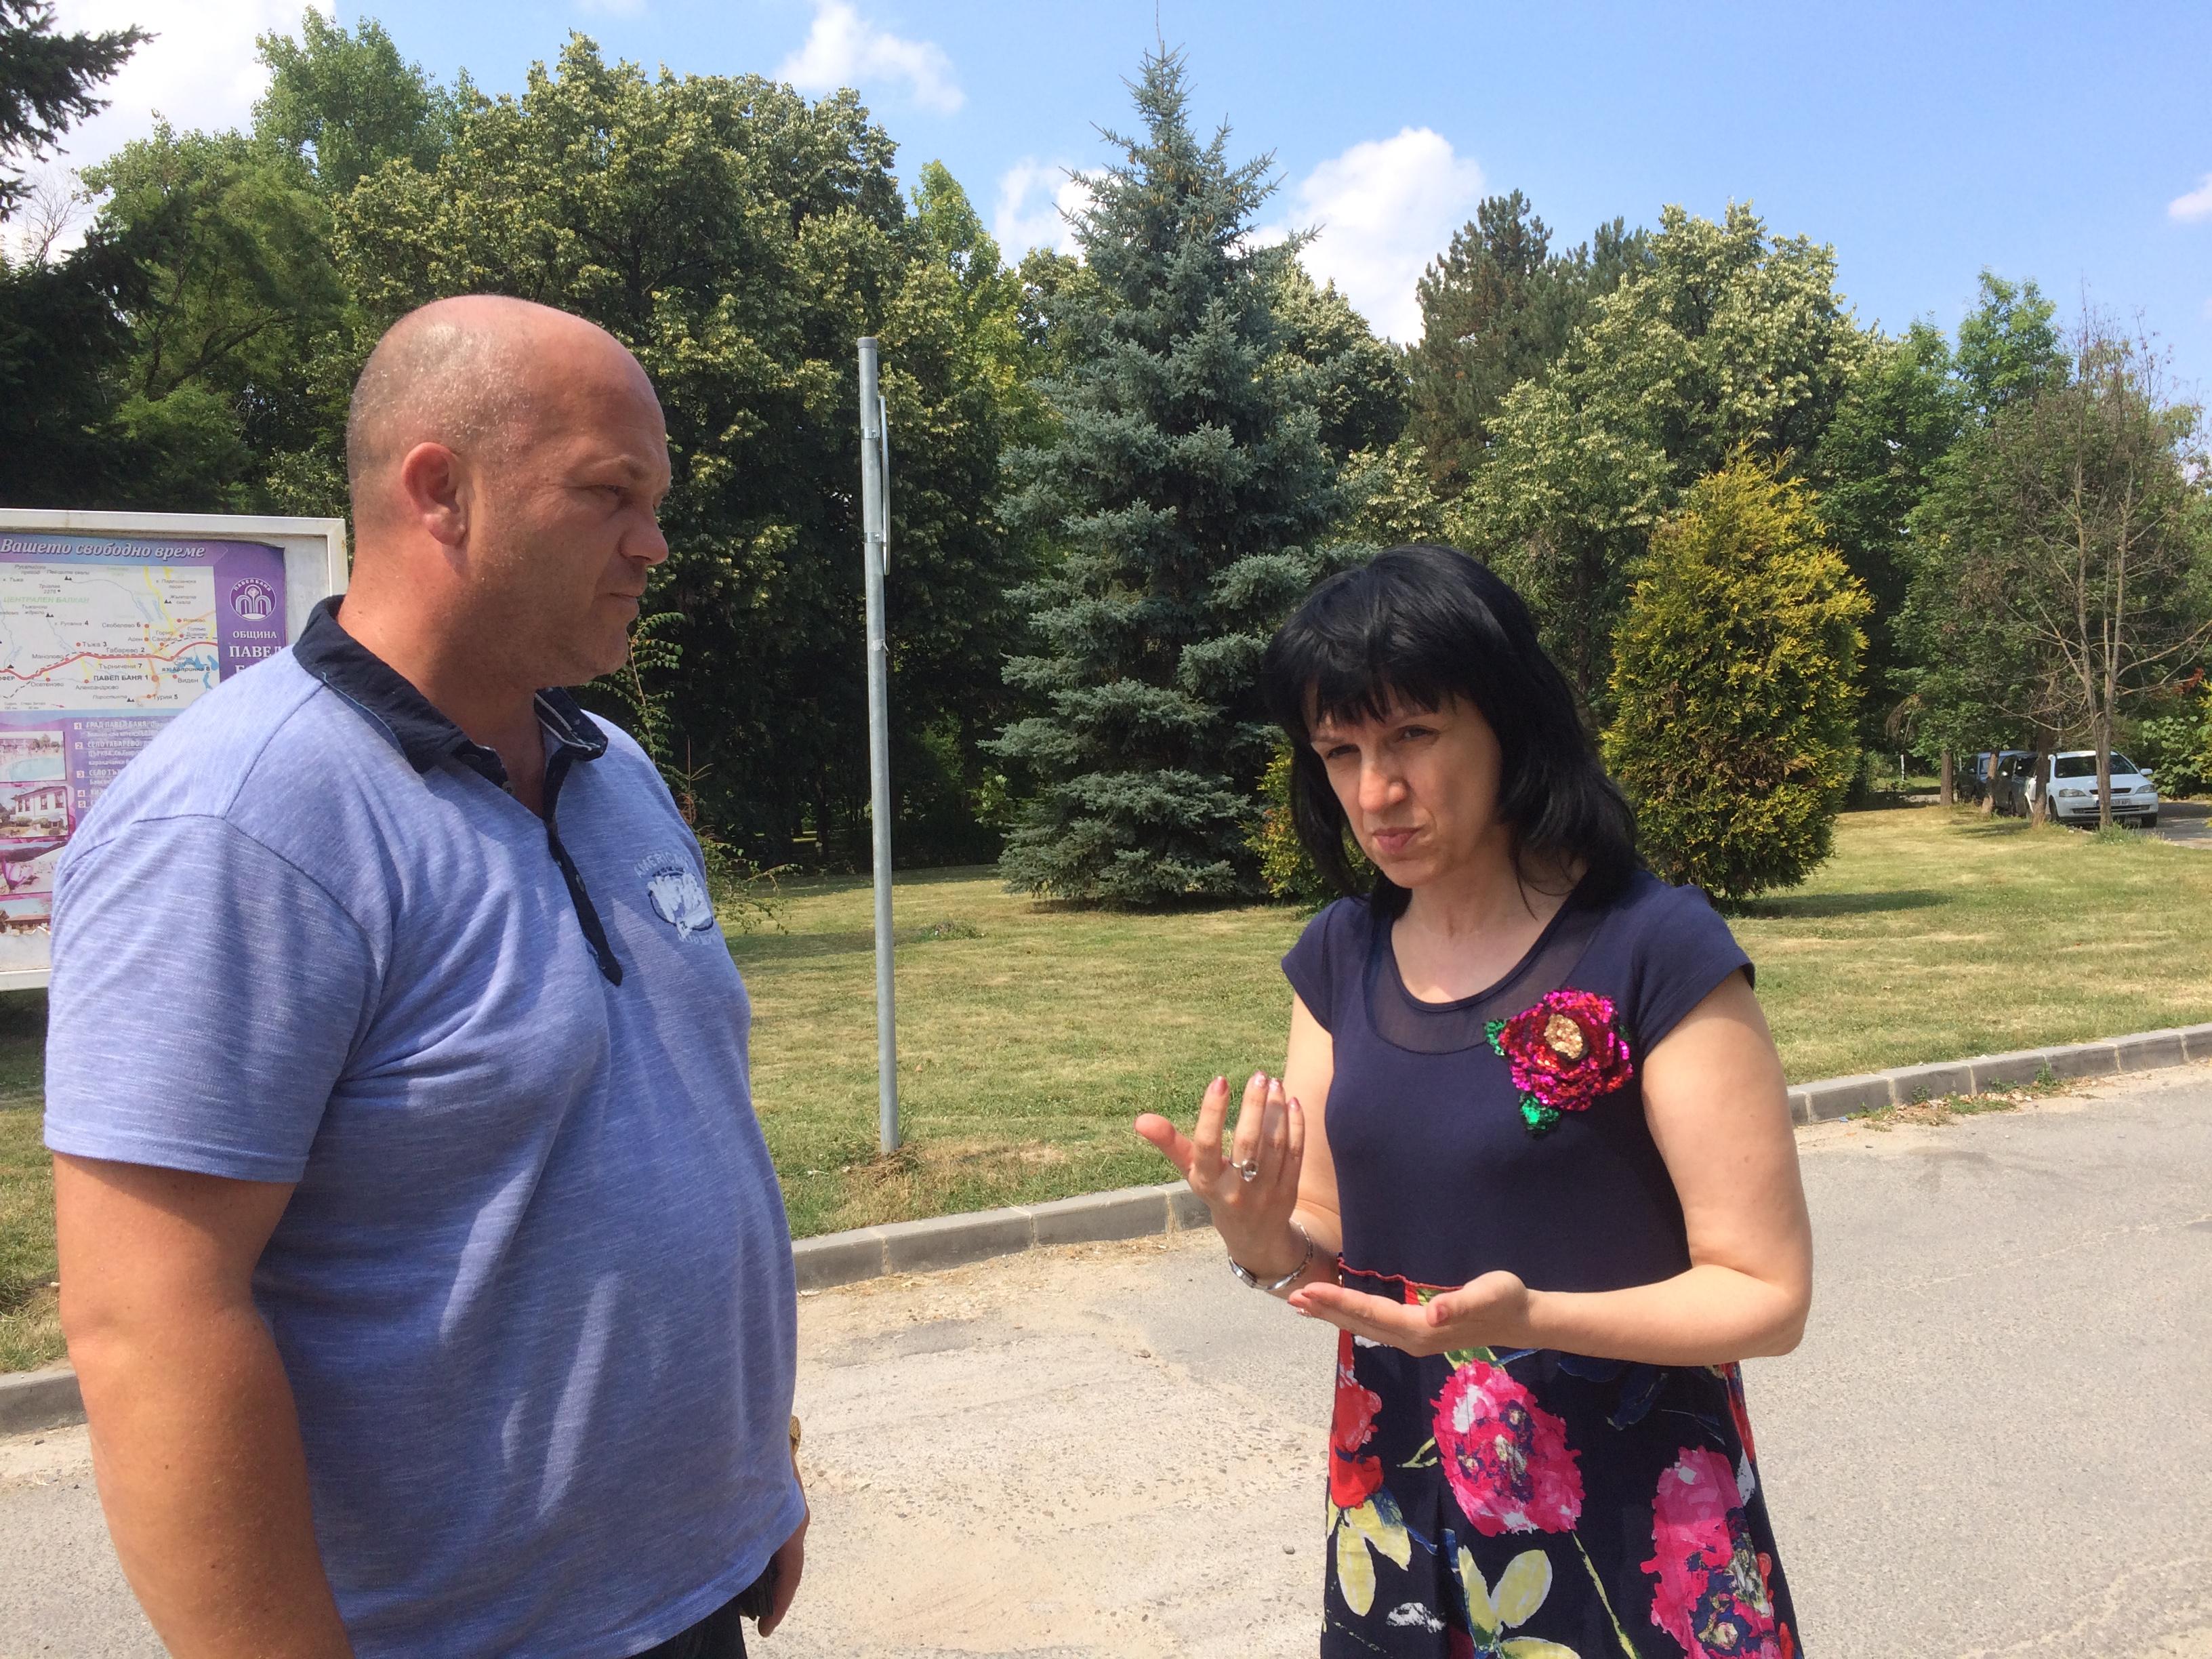 Народният представител от БСП Донка Симеонова внесе питане към министъра на образованието и науката за Наредбата за качеството